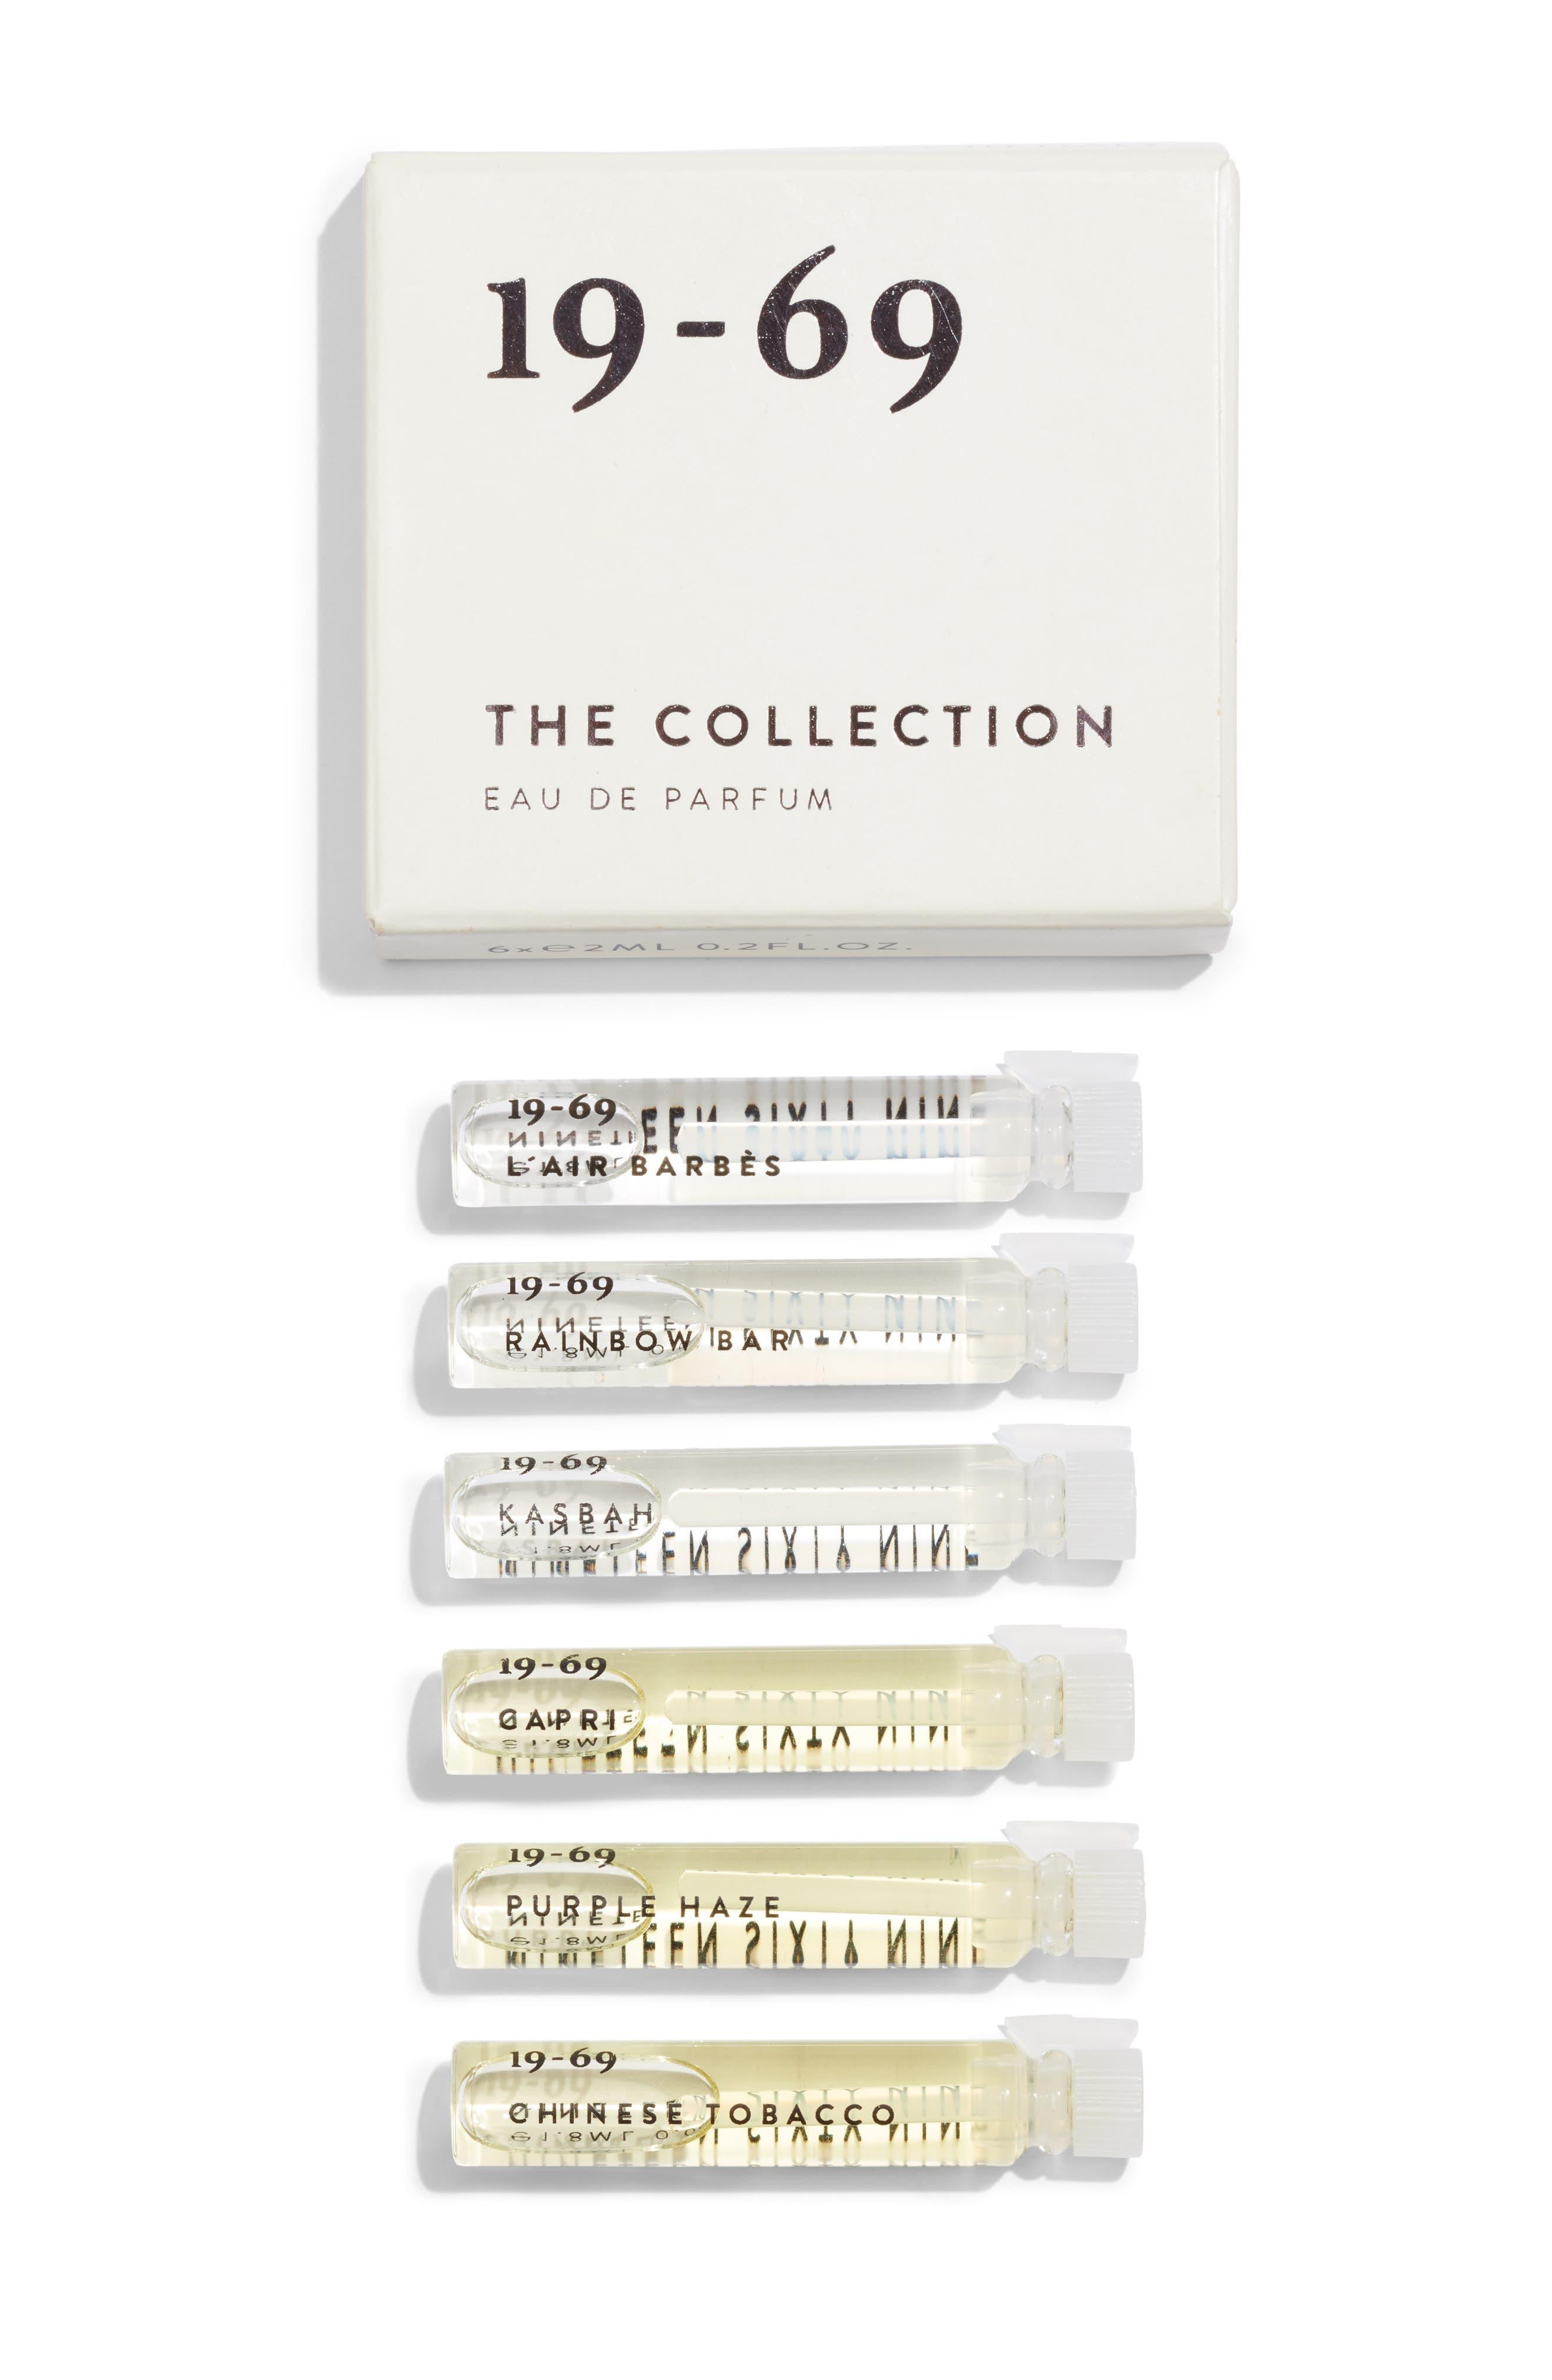 19-69 The Collection Eau De Parfum Fragrance Discovery Set